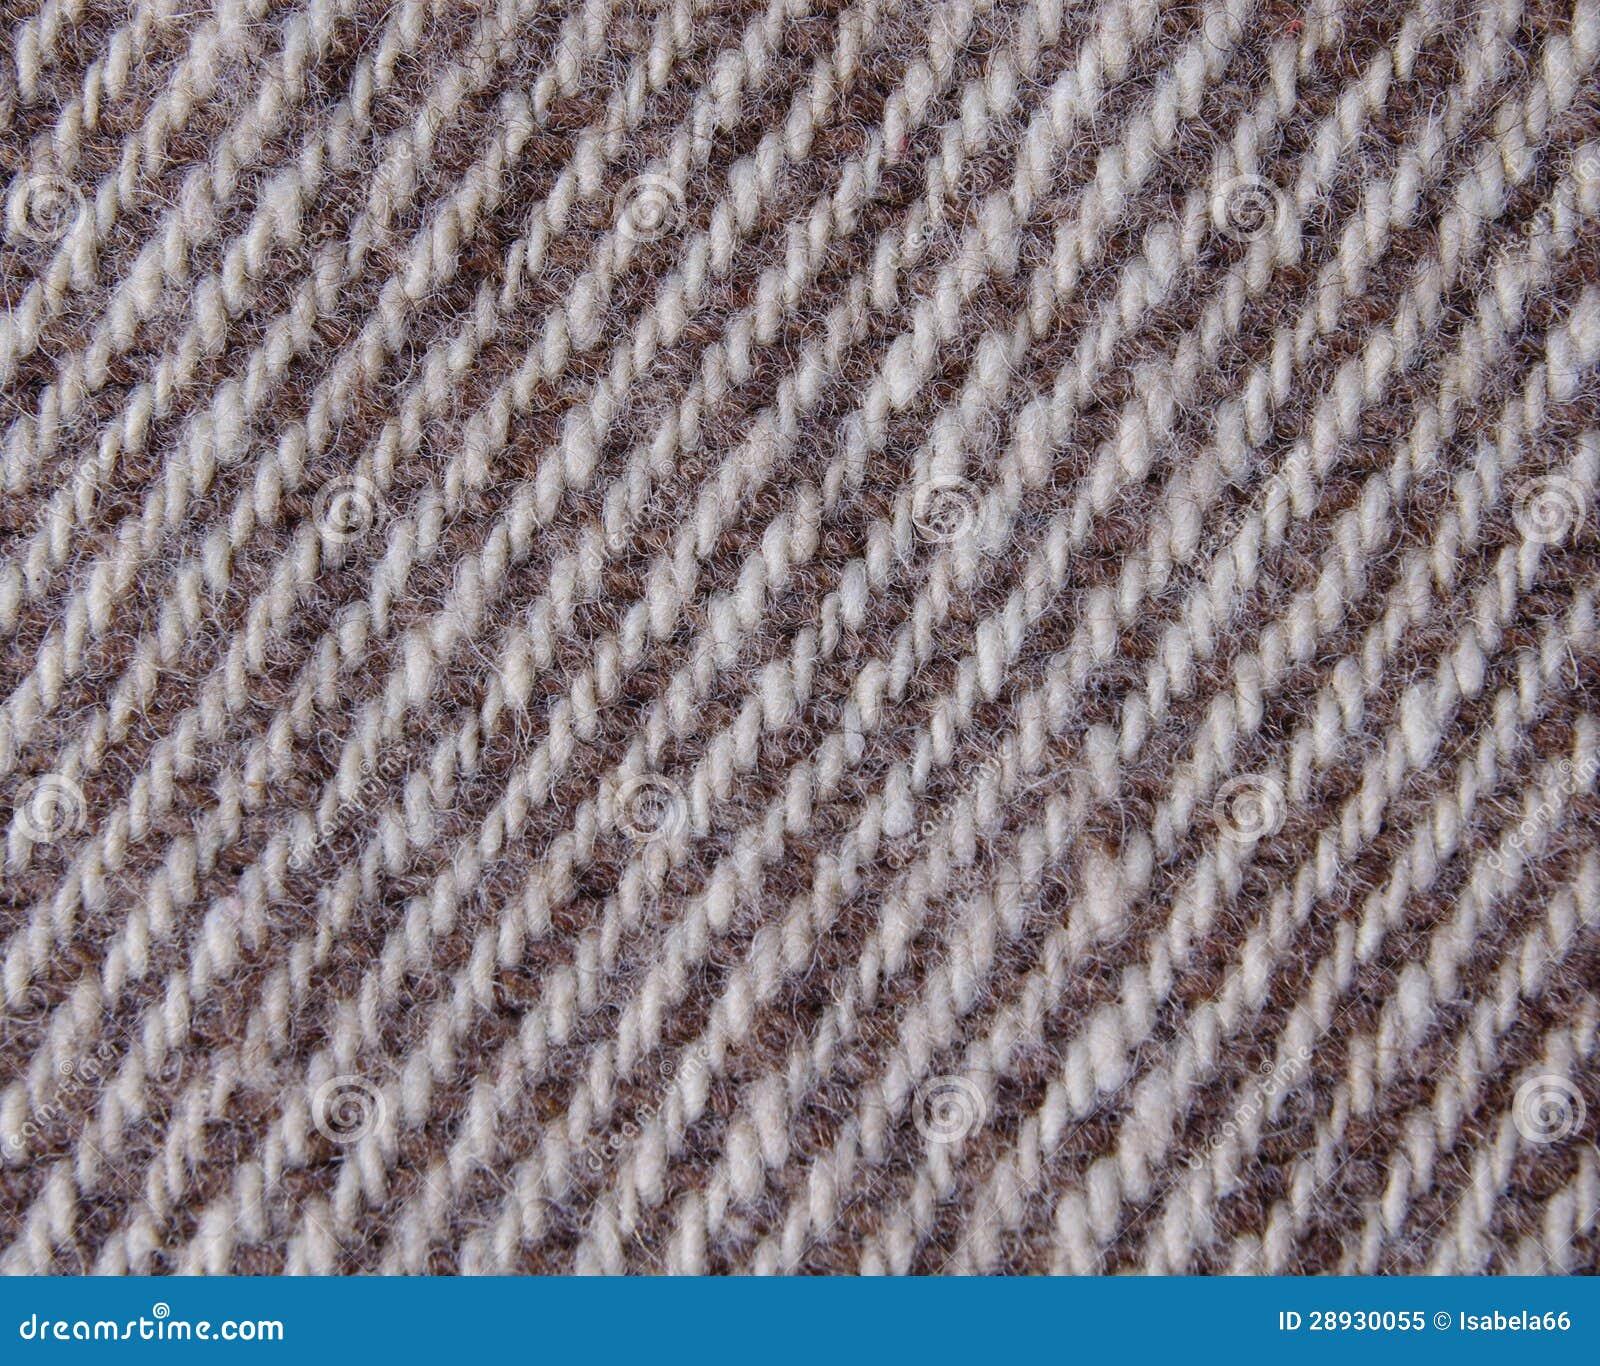 Wool Stitch Close Up Royalty Free Stock Photo Image